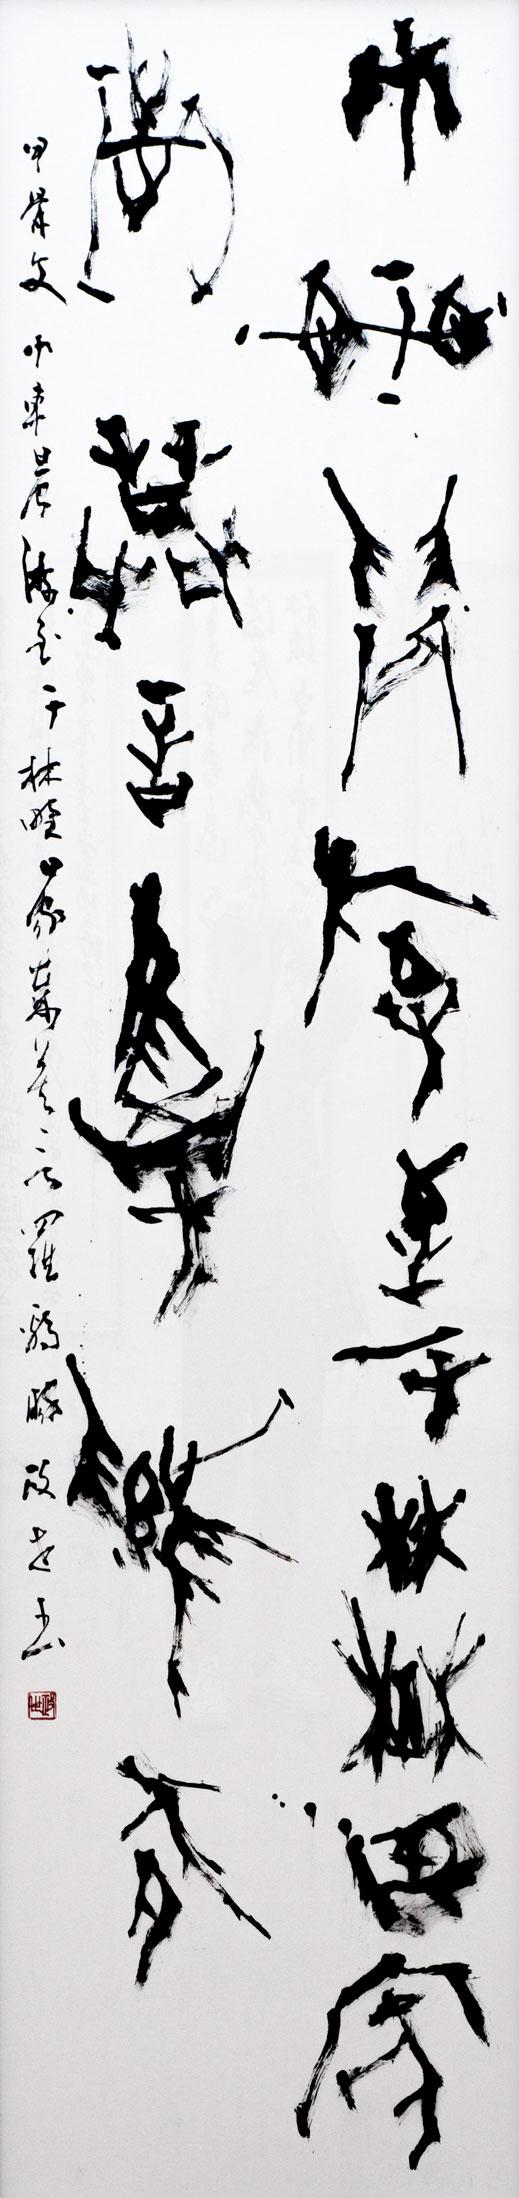 2017-jp-shodo-inspiration-412.jpg